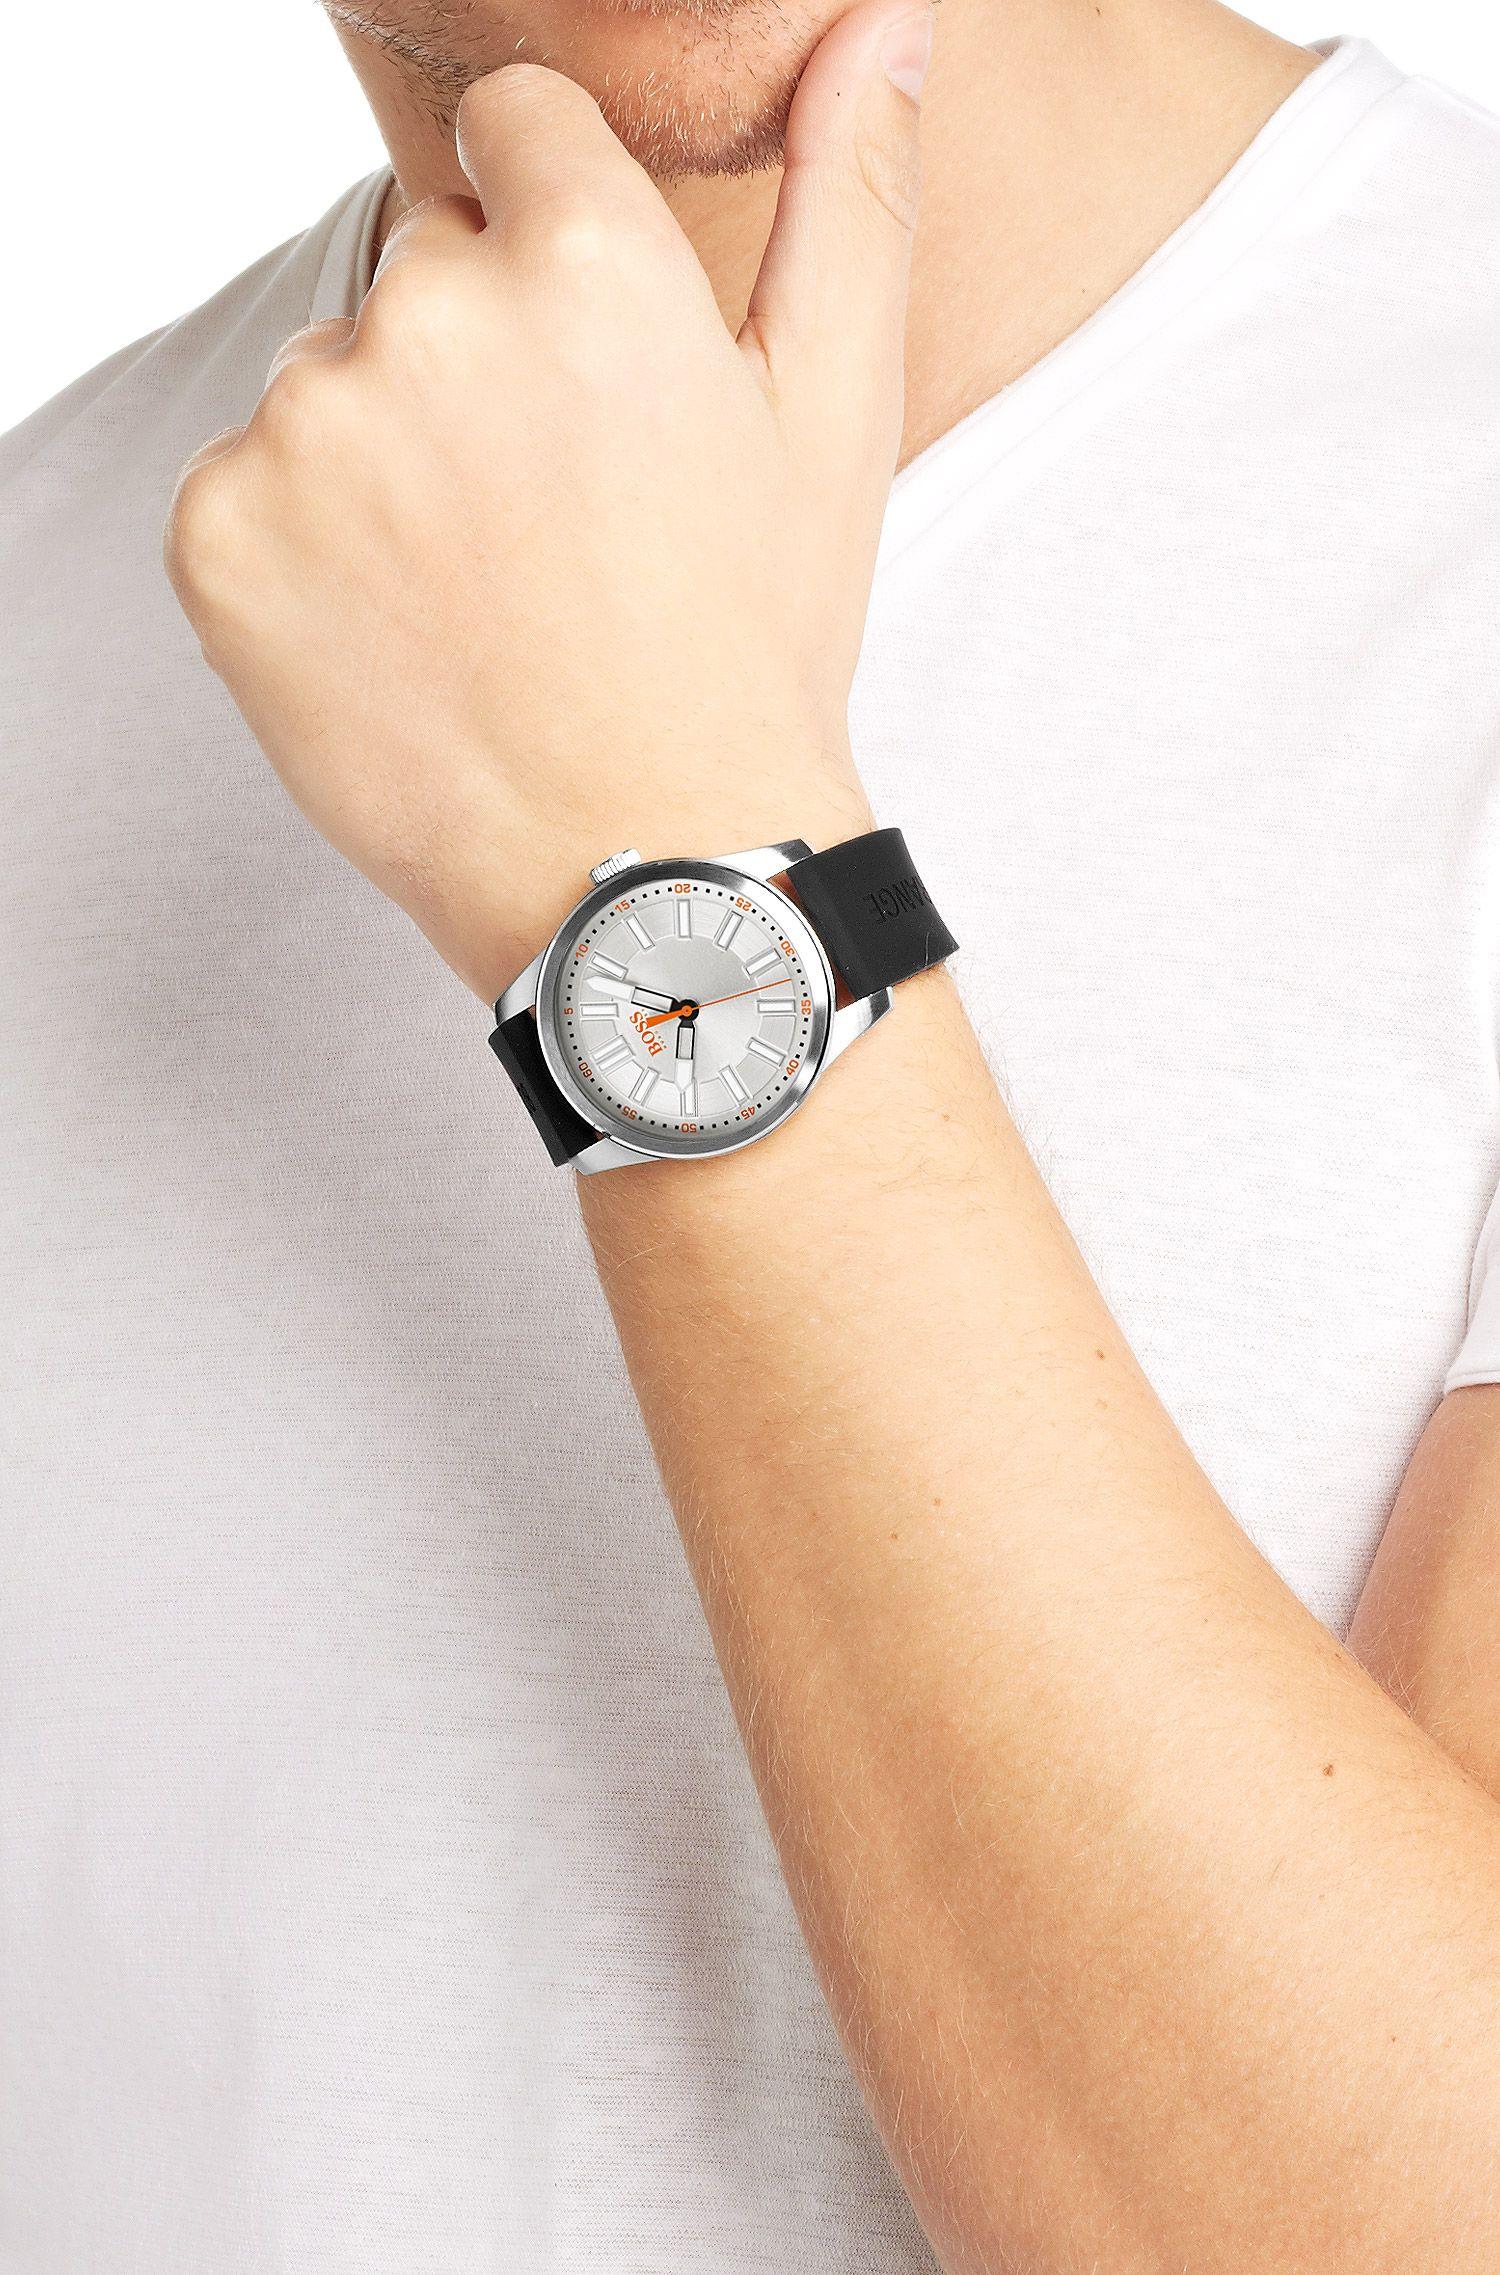 Montre-bracelet «HO7001» avec bracelet en silicone